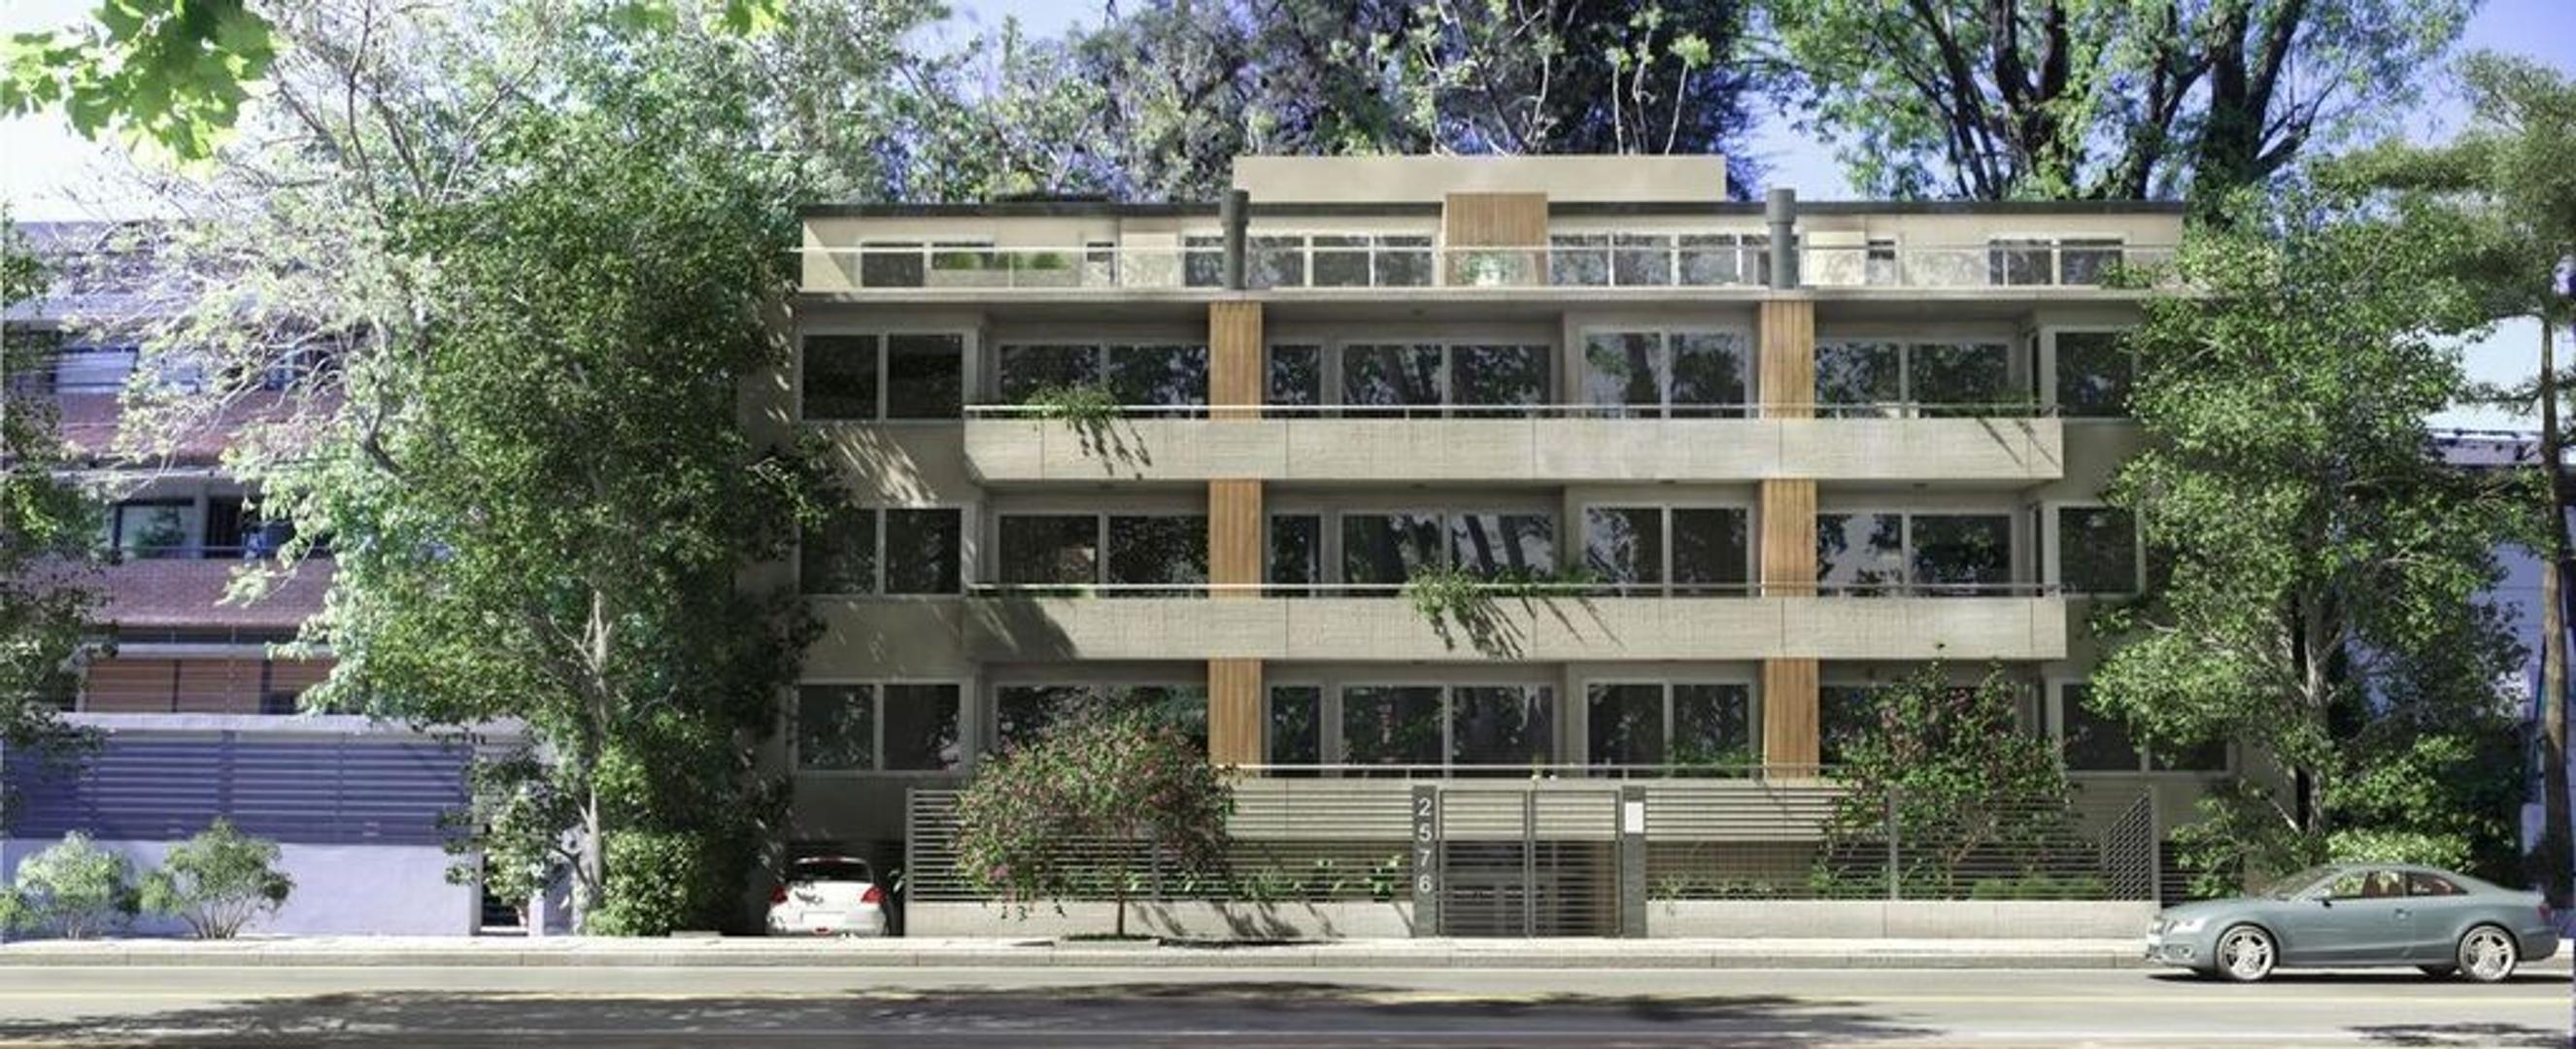 Departamento  en Venta ubicado en San Fernando, Zona Norte - LOM0535_LP122493_1